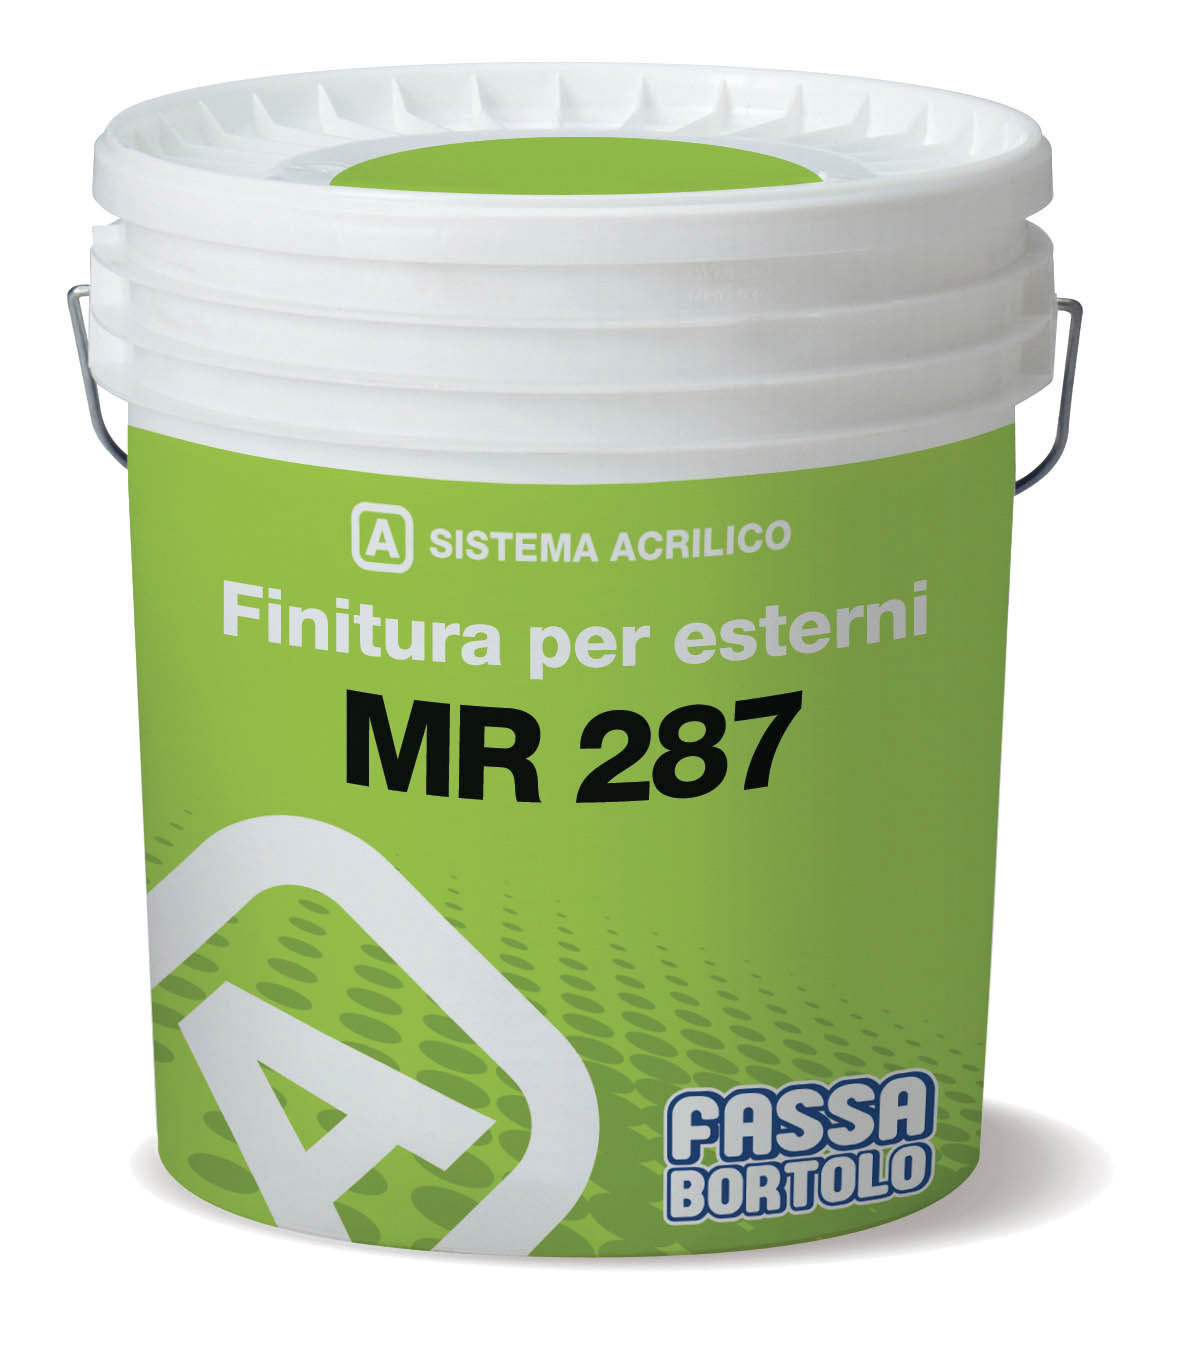 MR 287: Idropittura ad alto riempimento per esterni